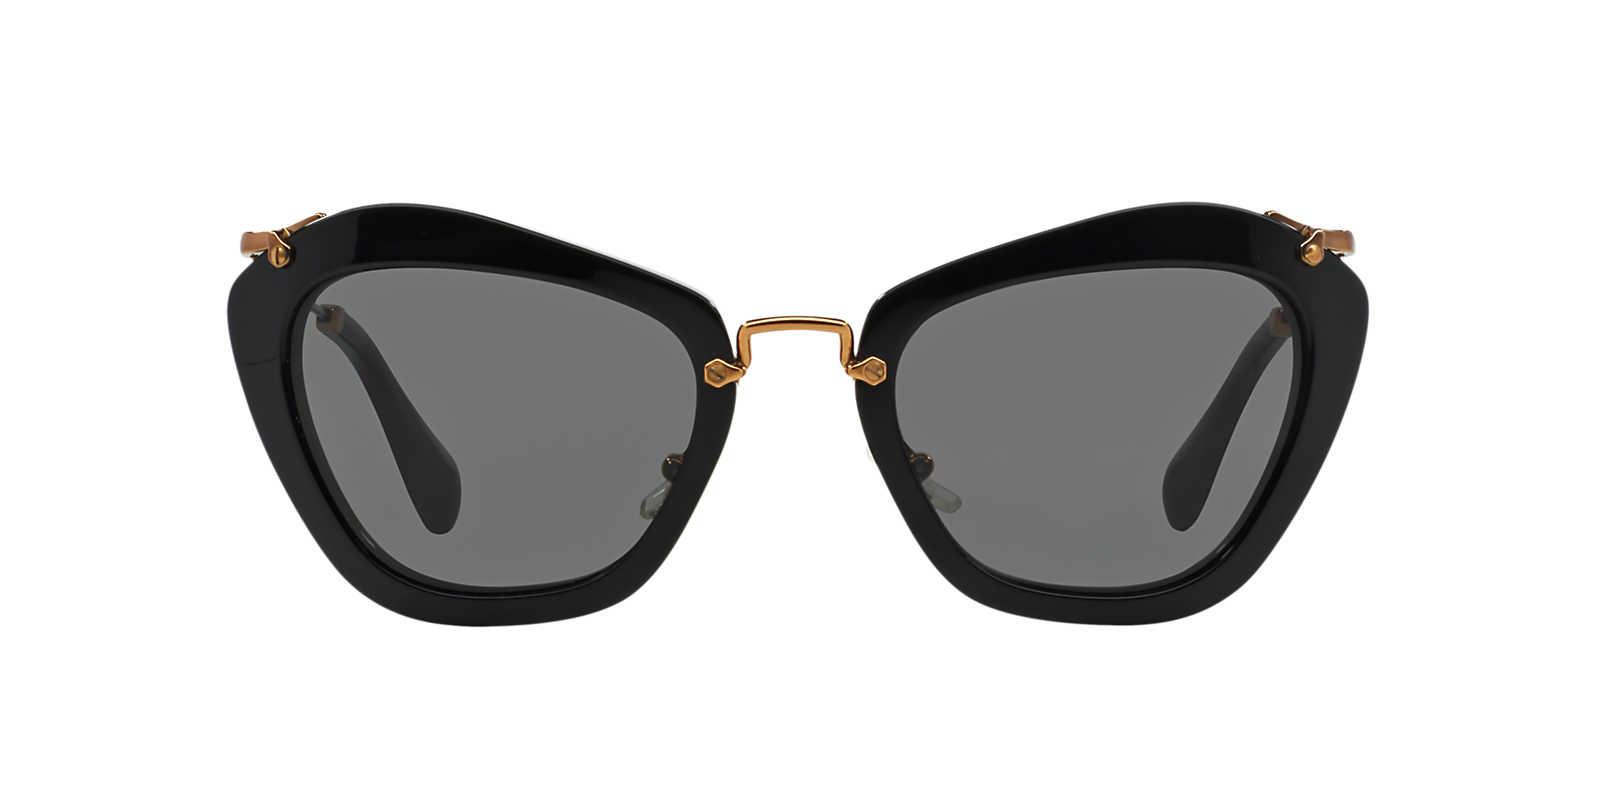 Miu Miu Sunglasses Sale Canada